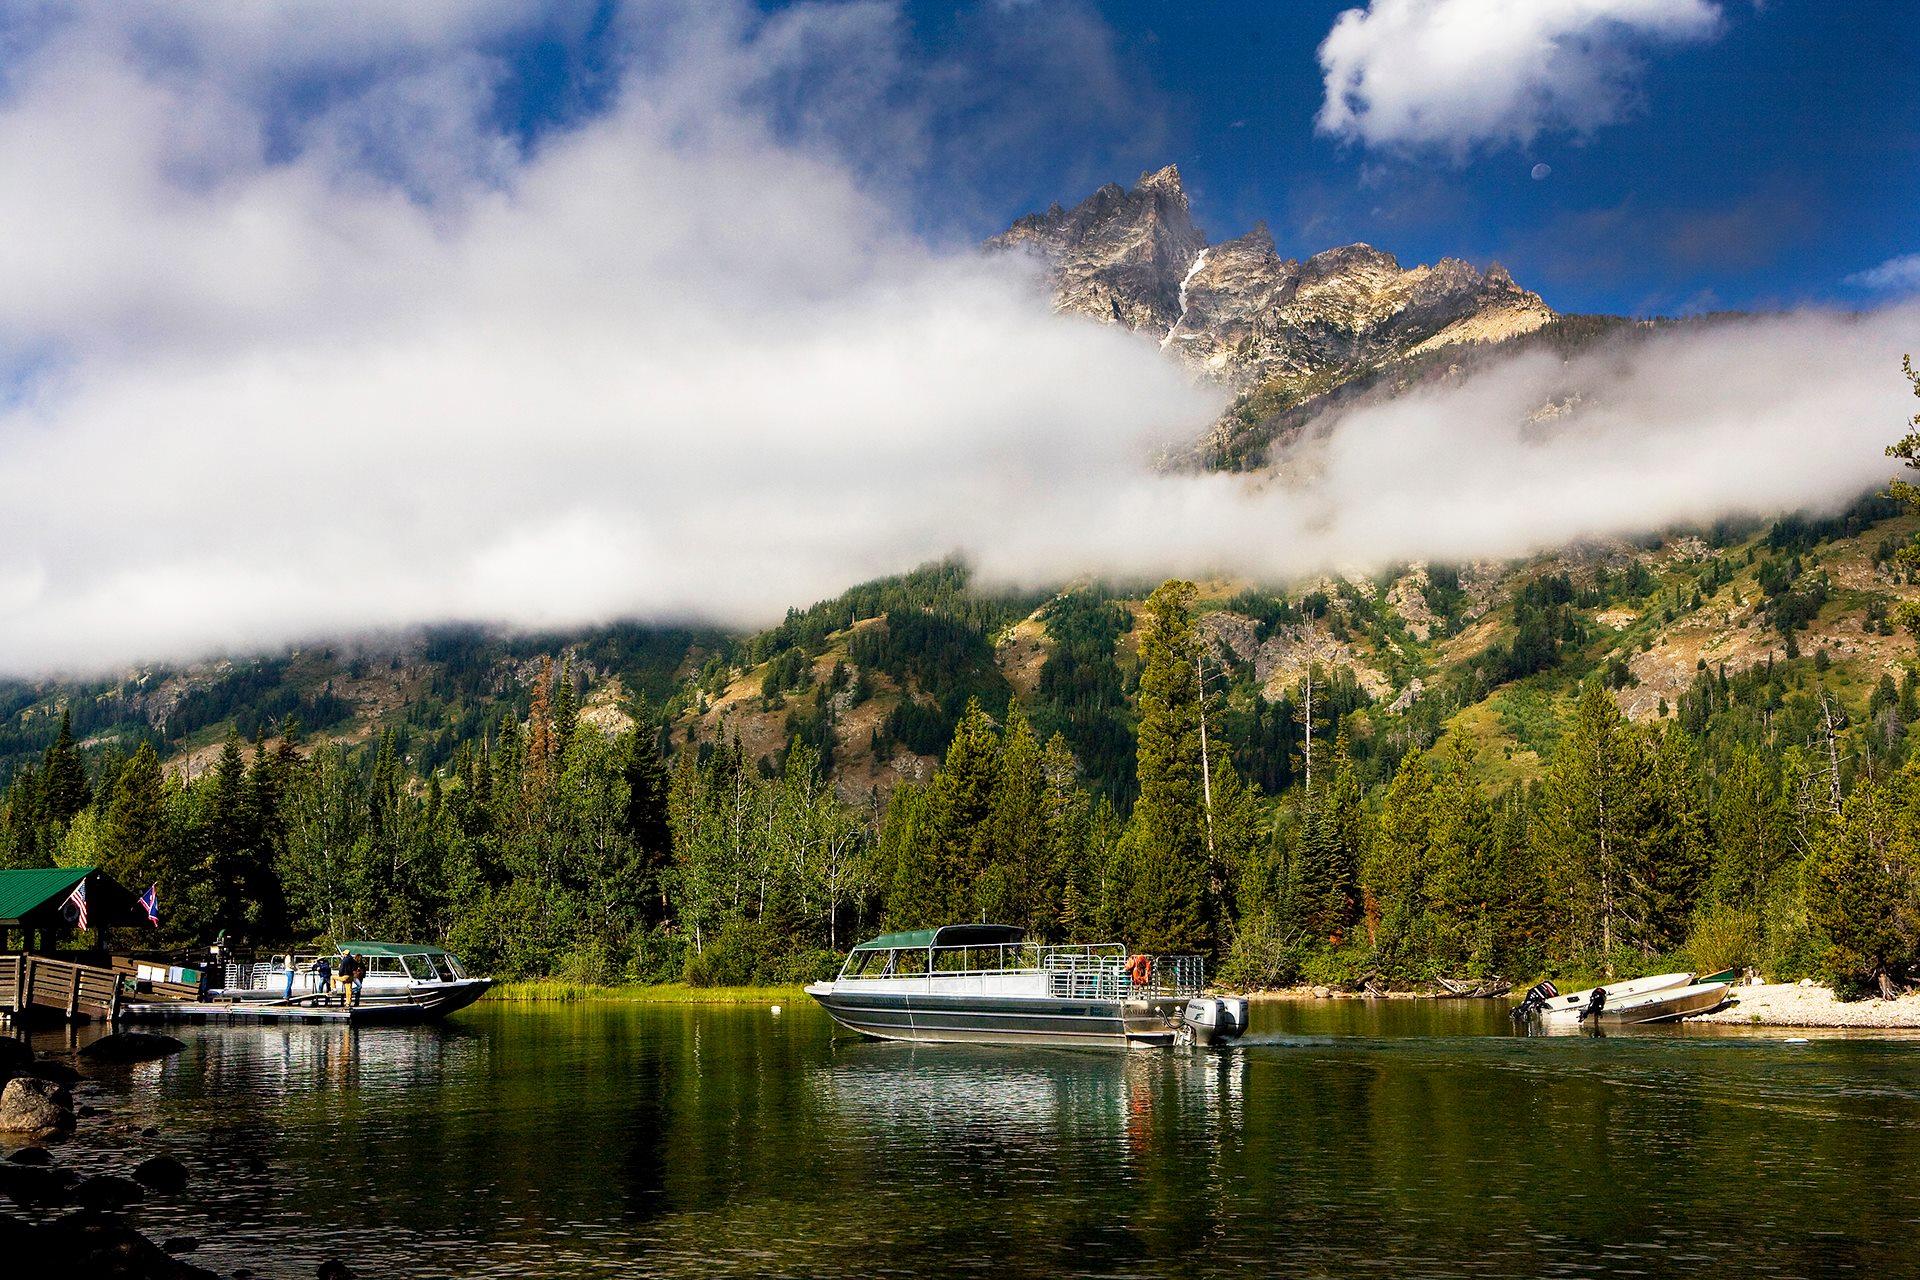 Jenny Lake Boating Tours